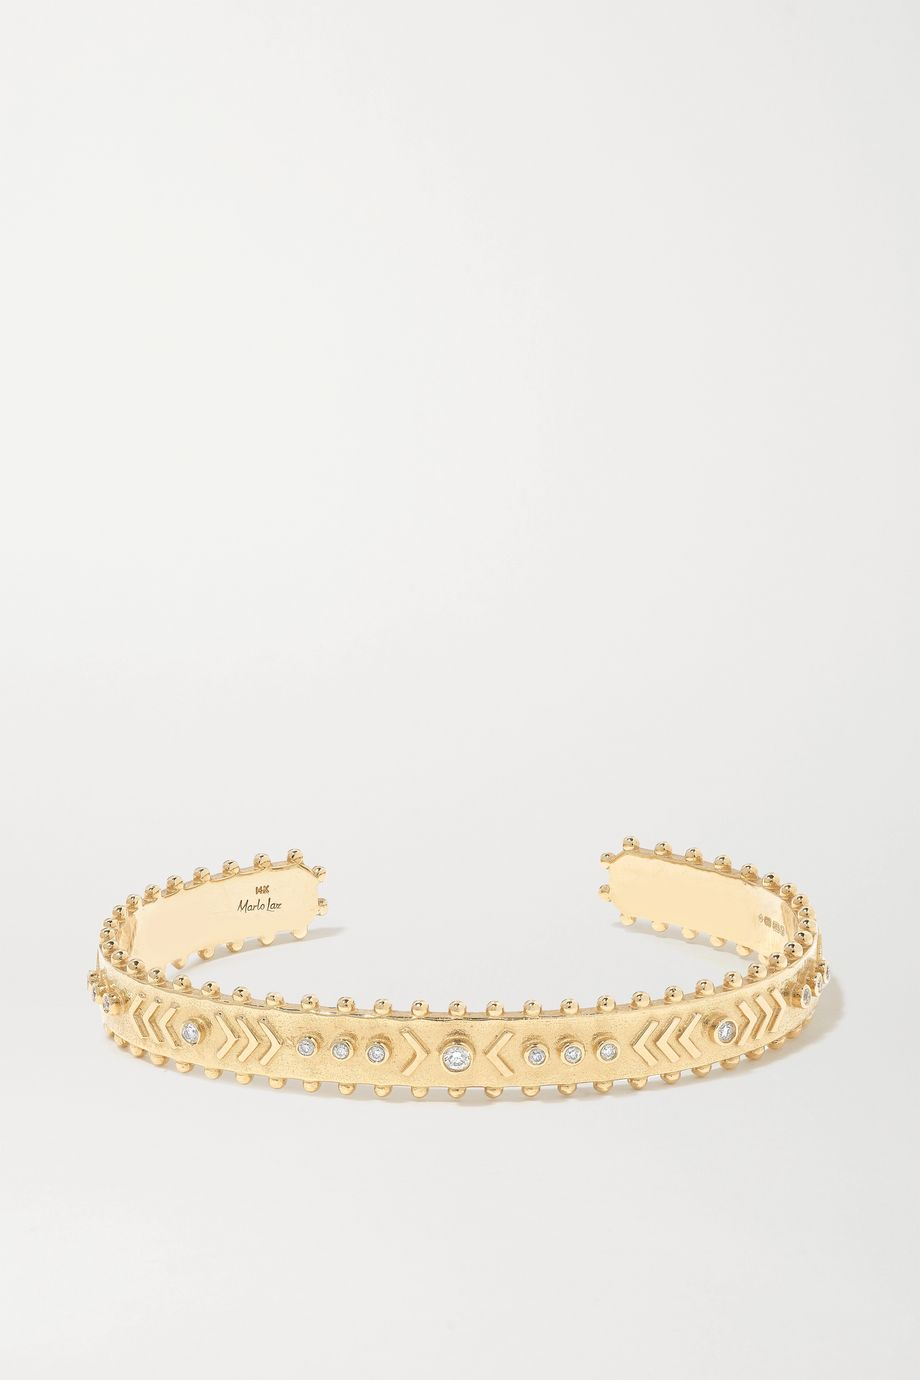 Marlo Laz Arrow Rawa 14-karat gold diamond cuff